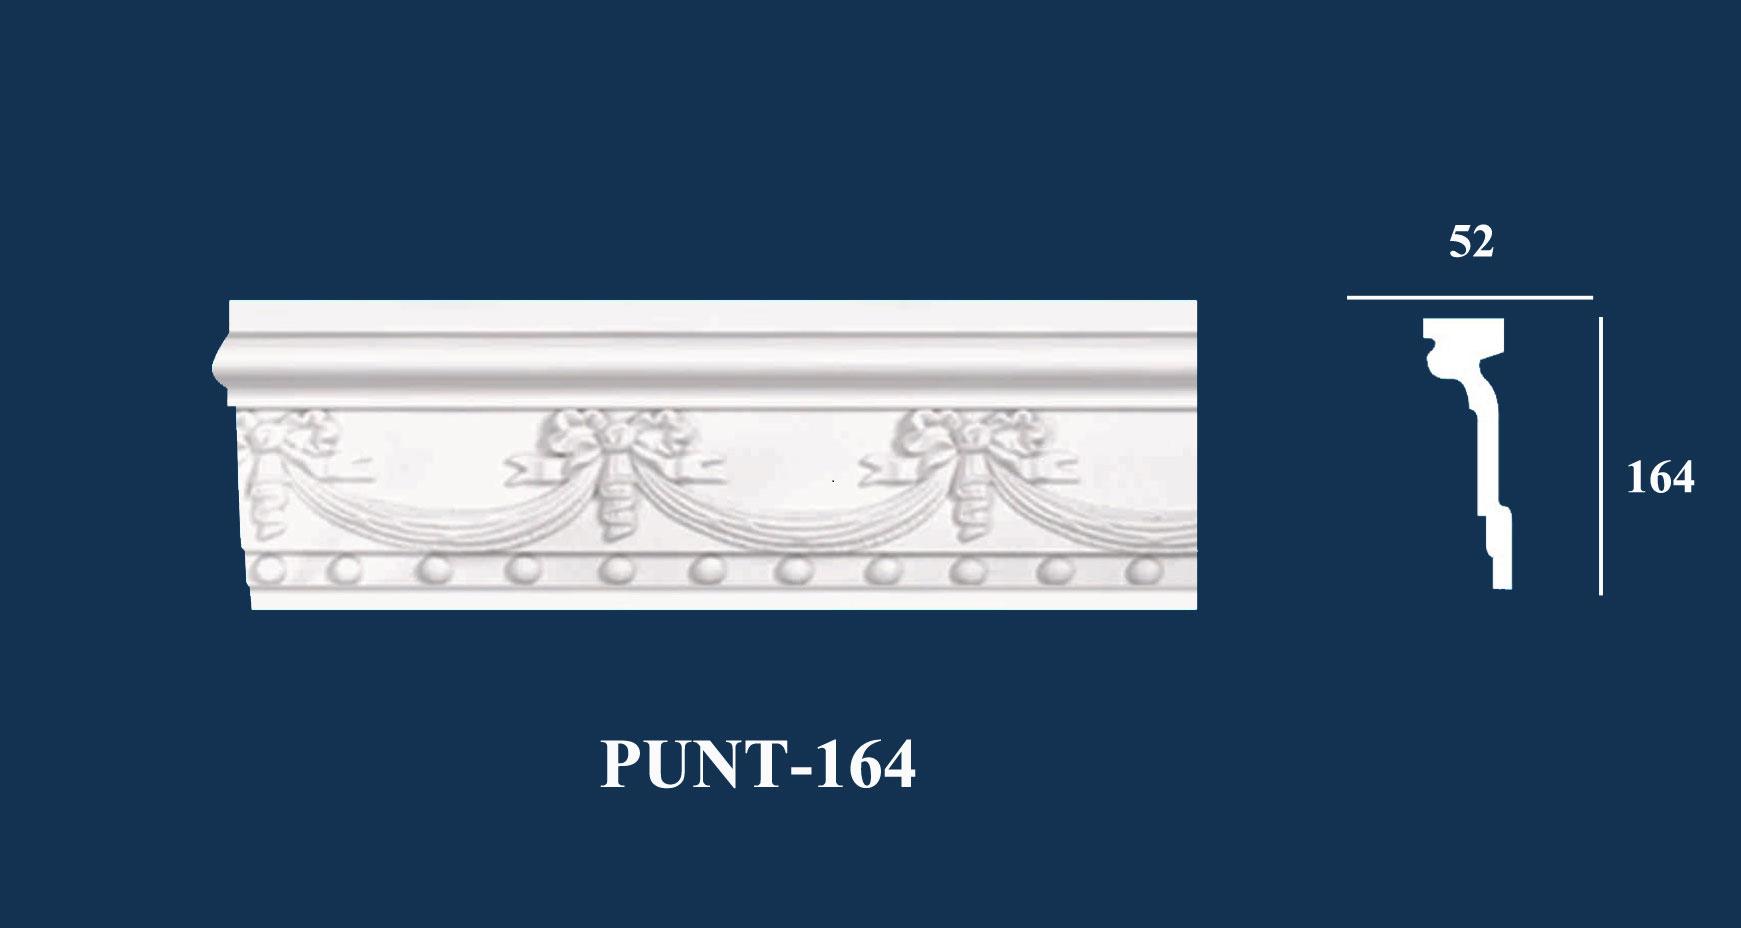 Chỉ Nẹp Hoa Văn Trang Trí - PUNT-164